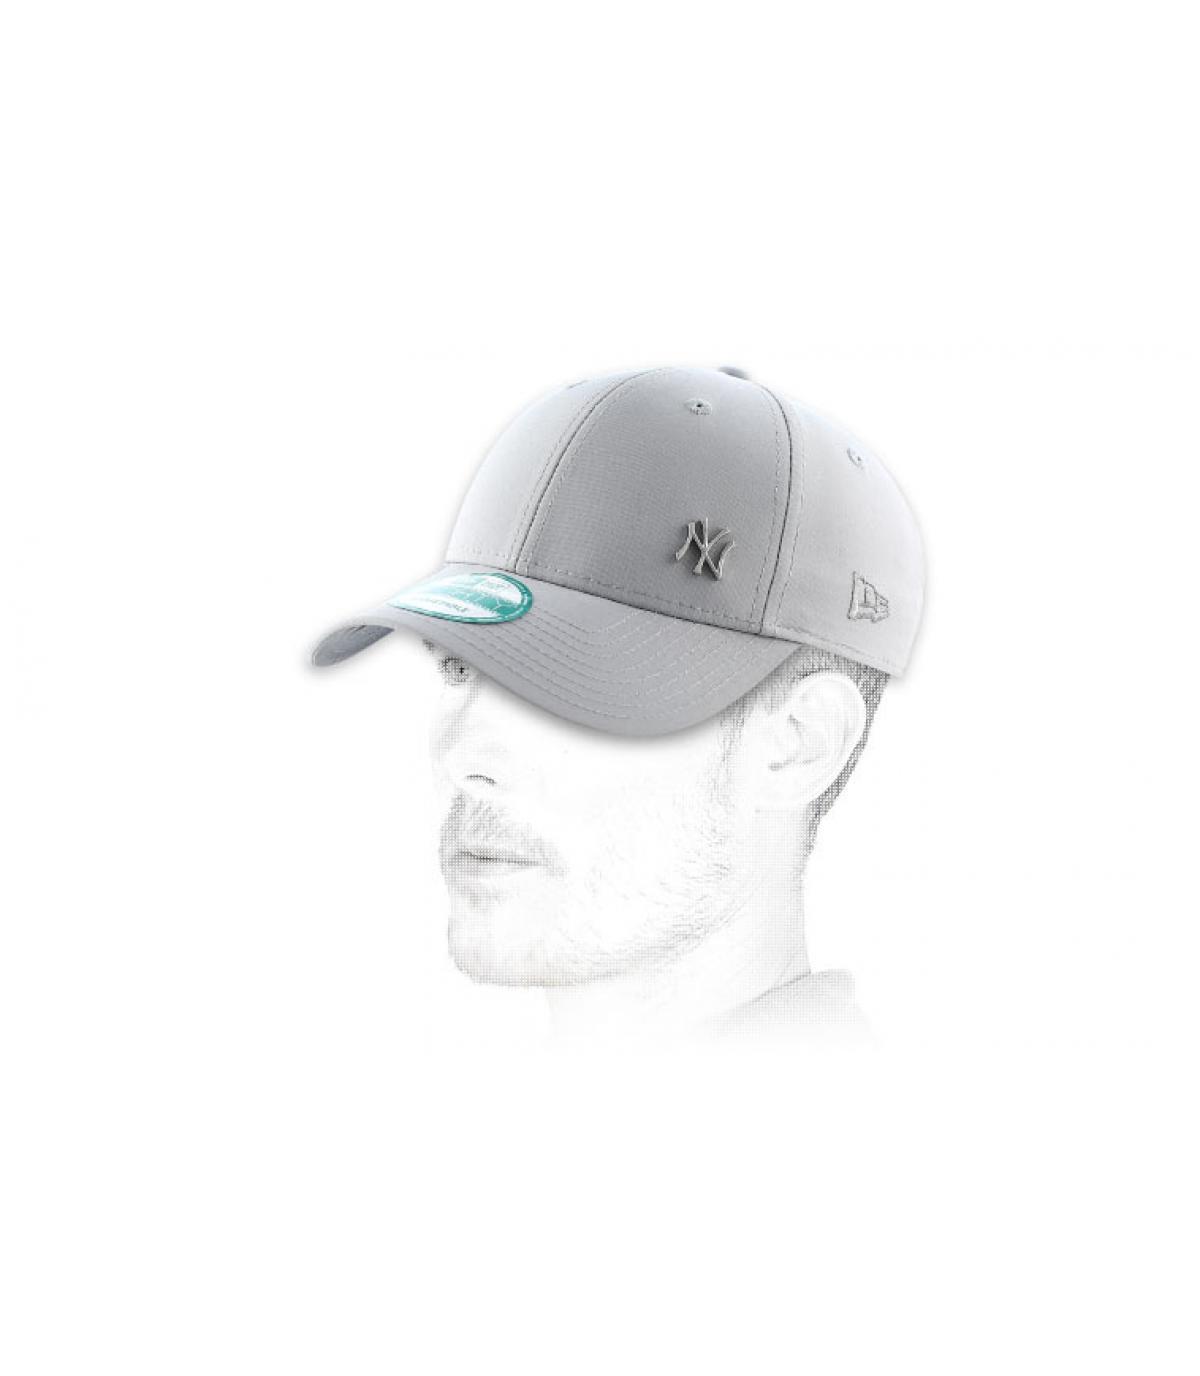 Gray New Era cap